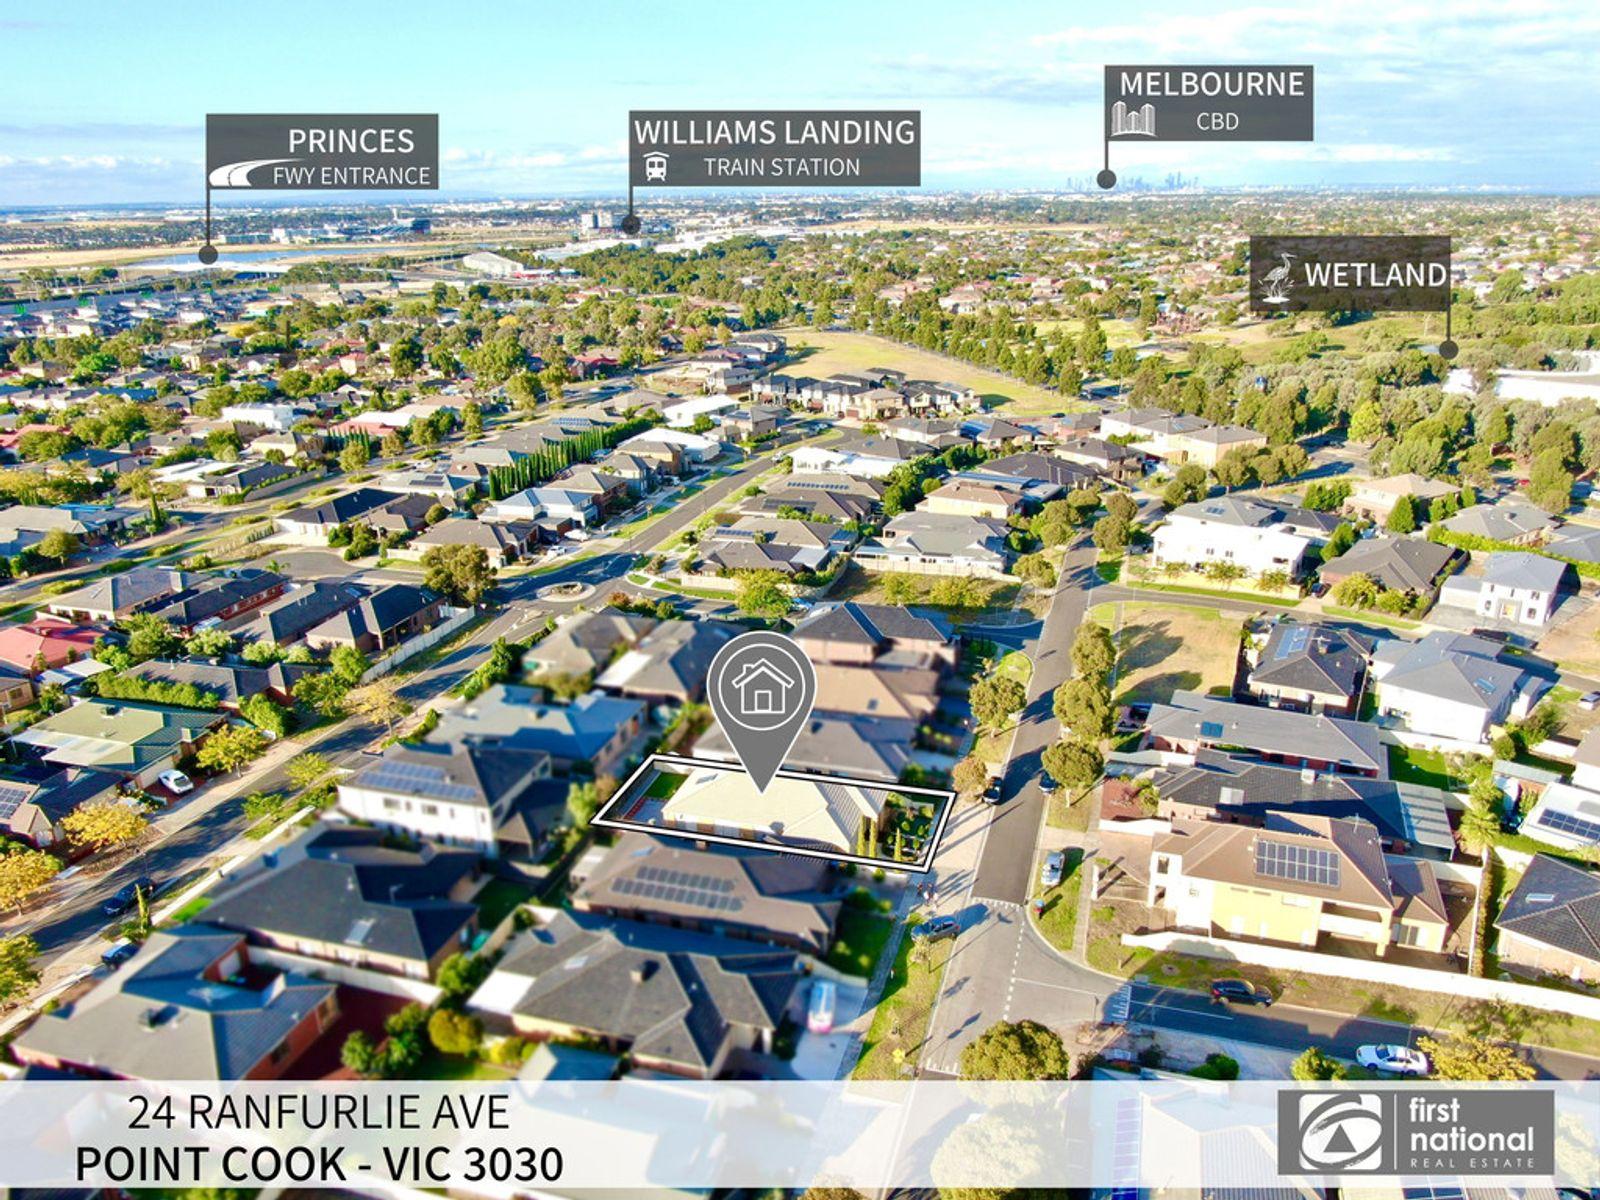 24 Ranfurlie Avenue, Point Cook, VIC 3030